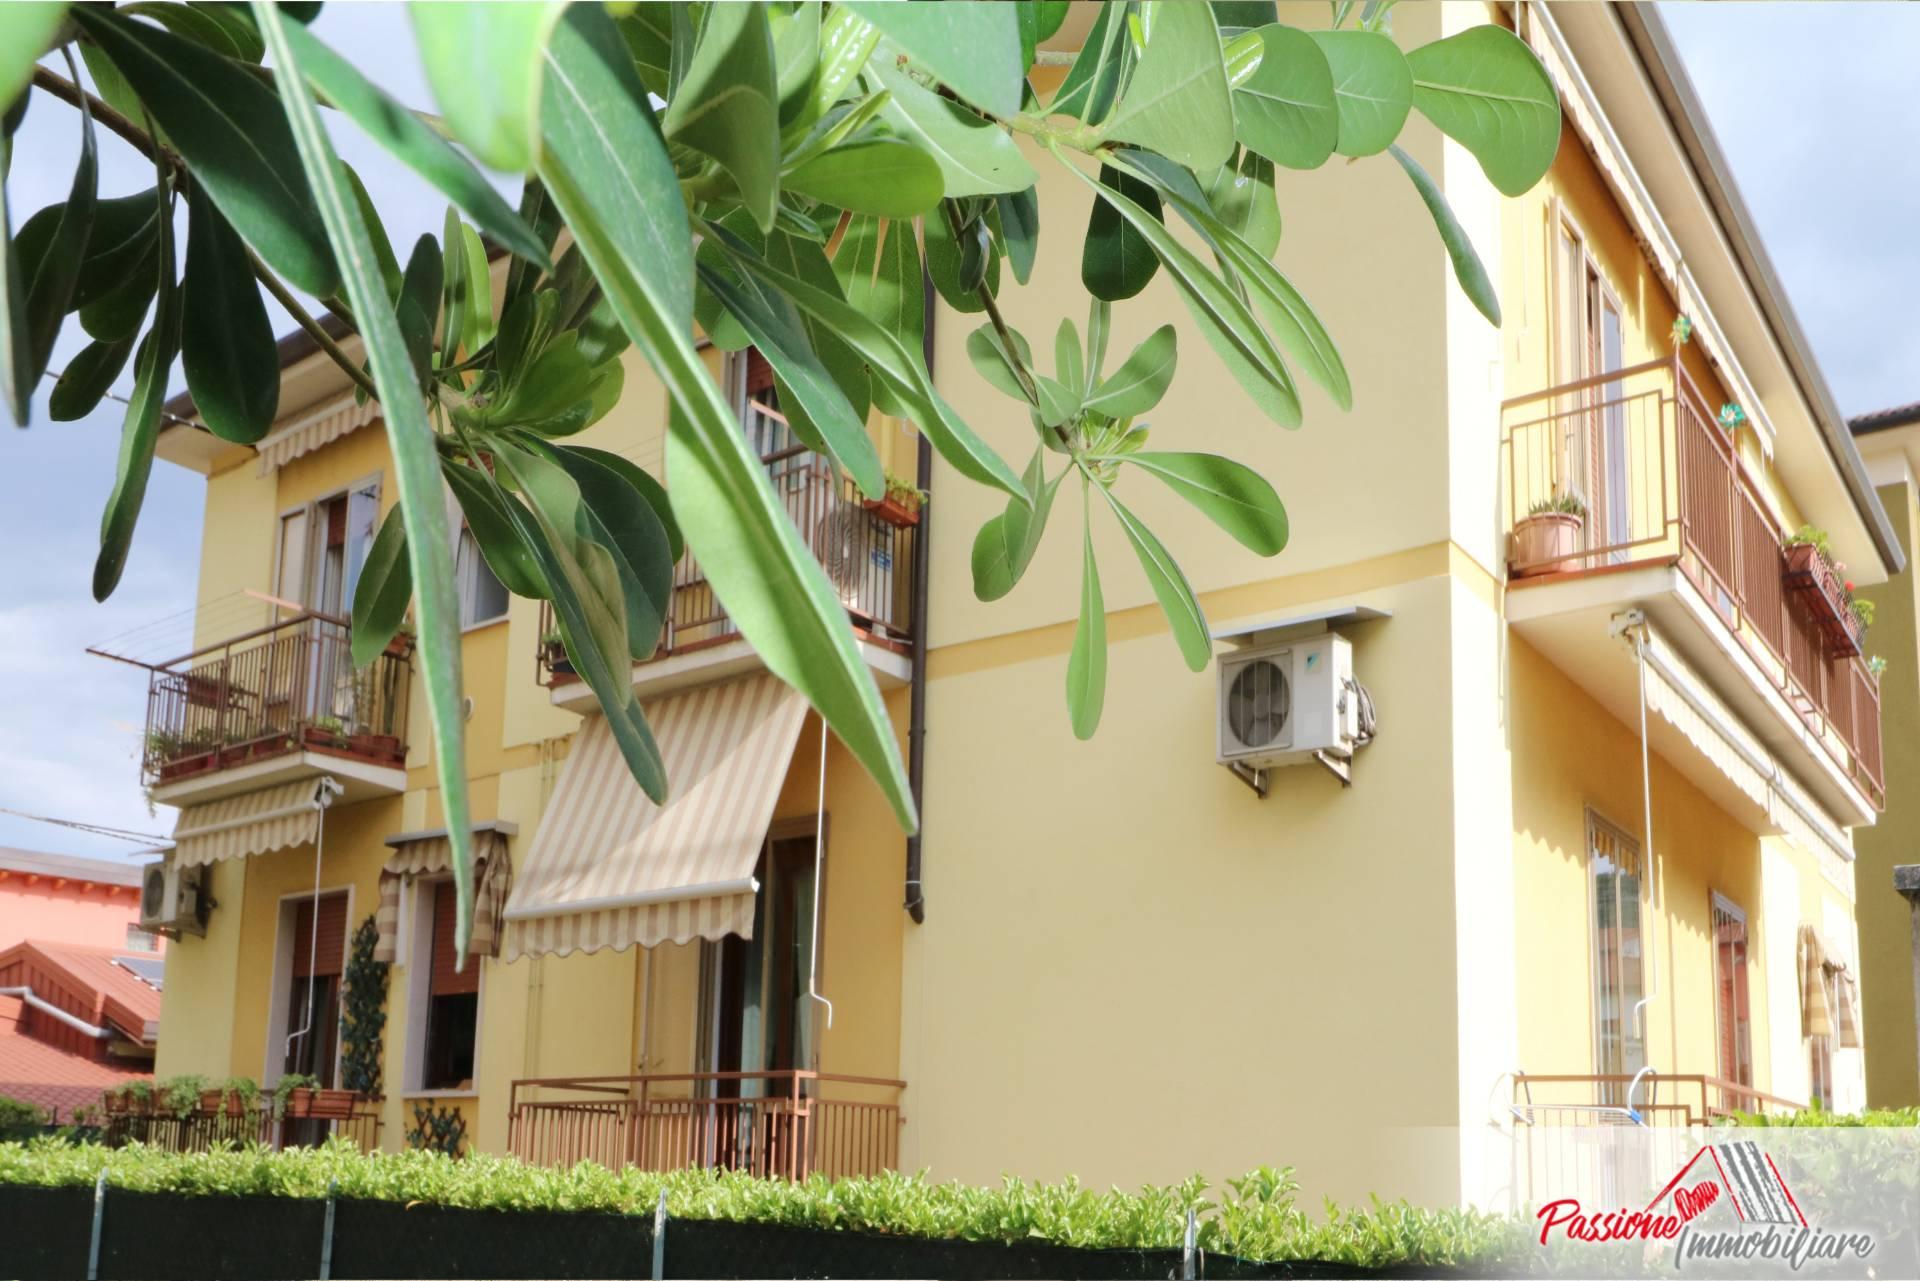 Appartamento in vendita a Verona, 3 locali, zona Zona: 5 . Quinzano - Pindemonte - Ponte Crencano - Valdonega - Avesa , prezzo € 170.000 | CambioCasa.it